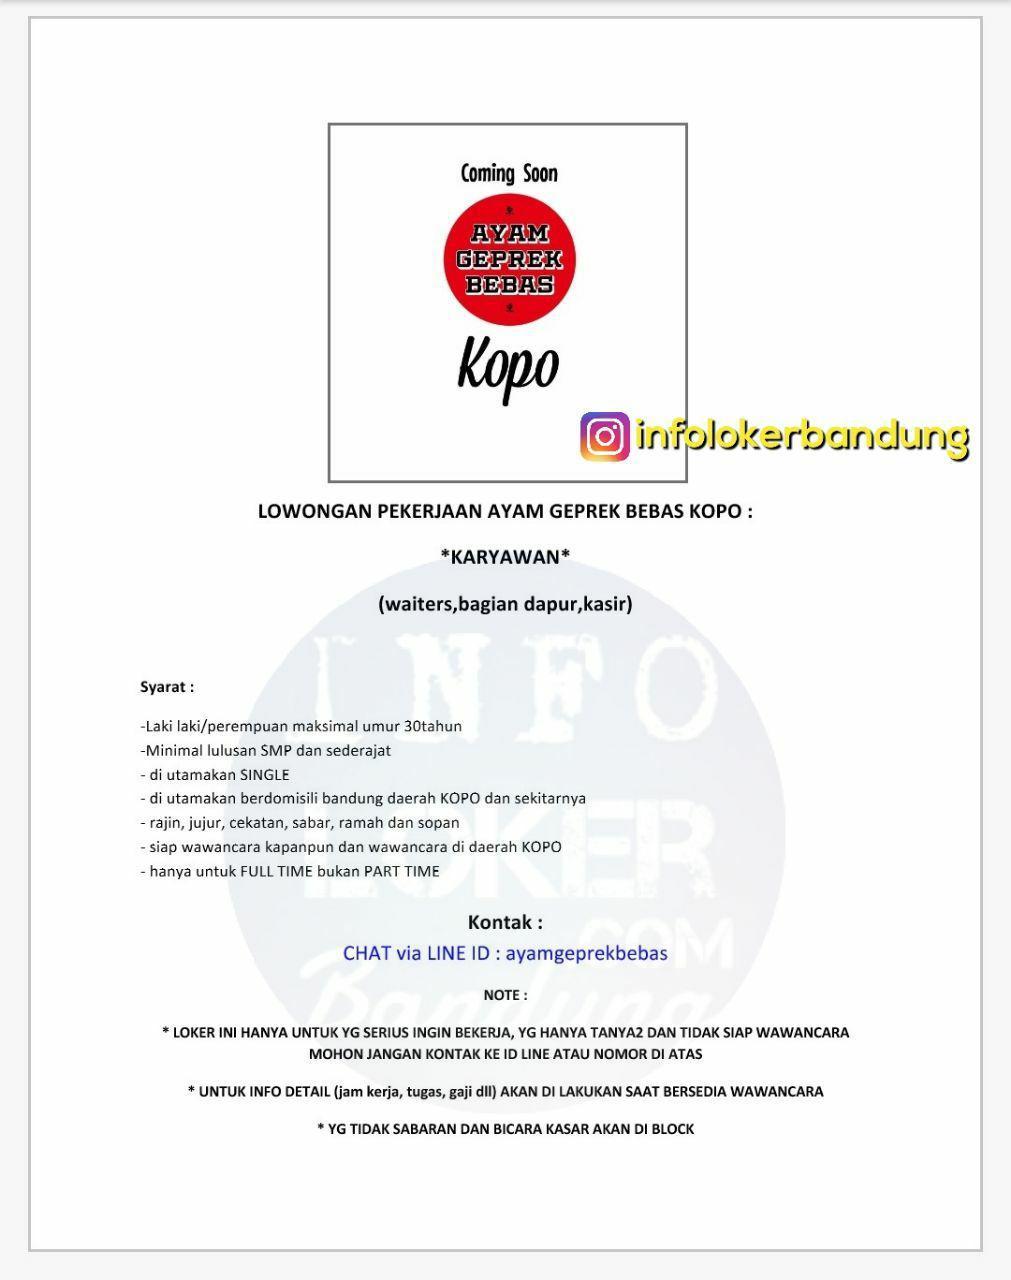 Lowongan Kerja Ayam Geprek Bebas Kopo Bandung Oktober 2017